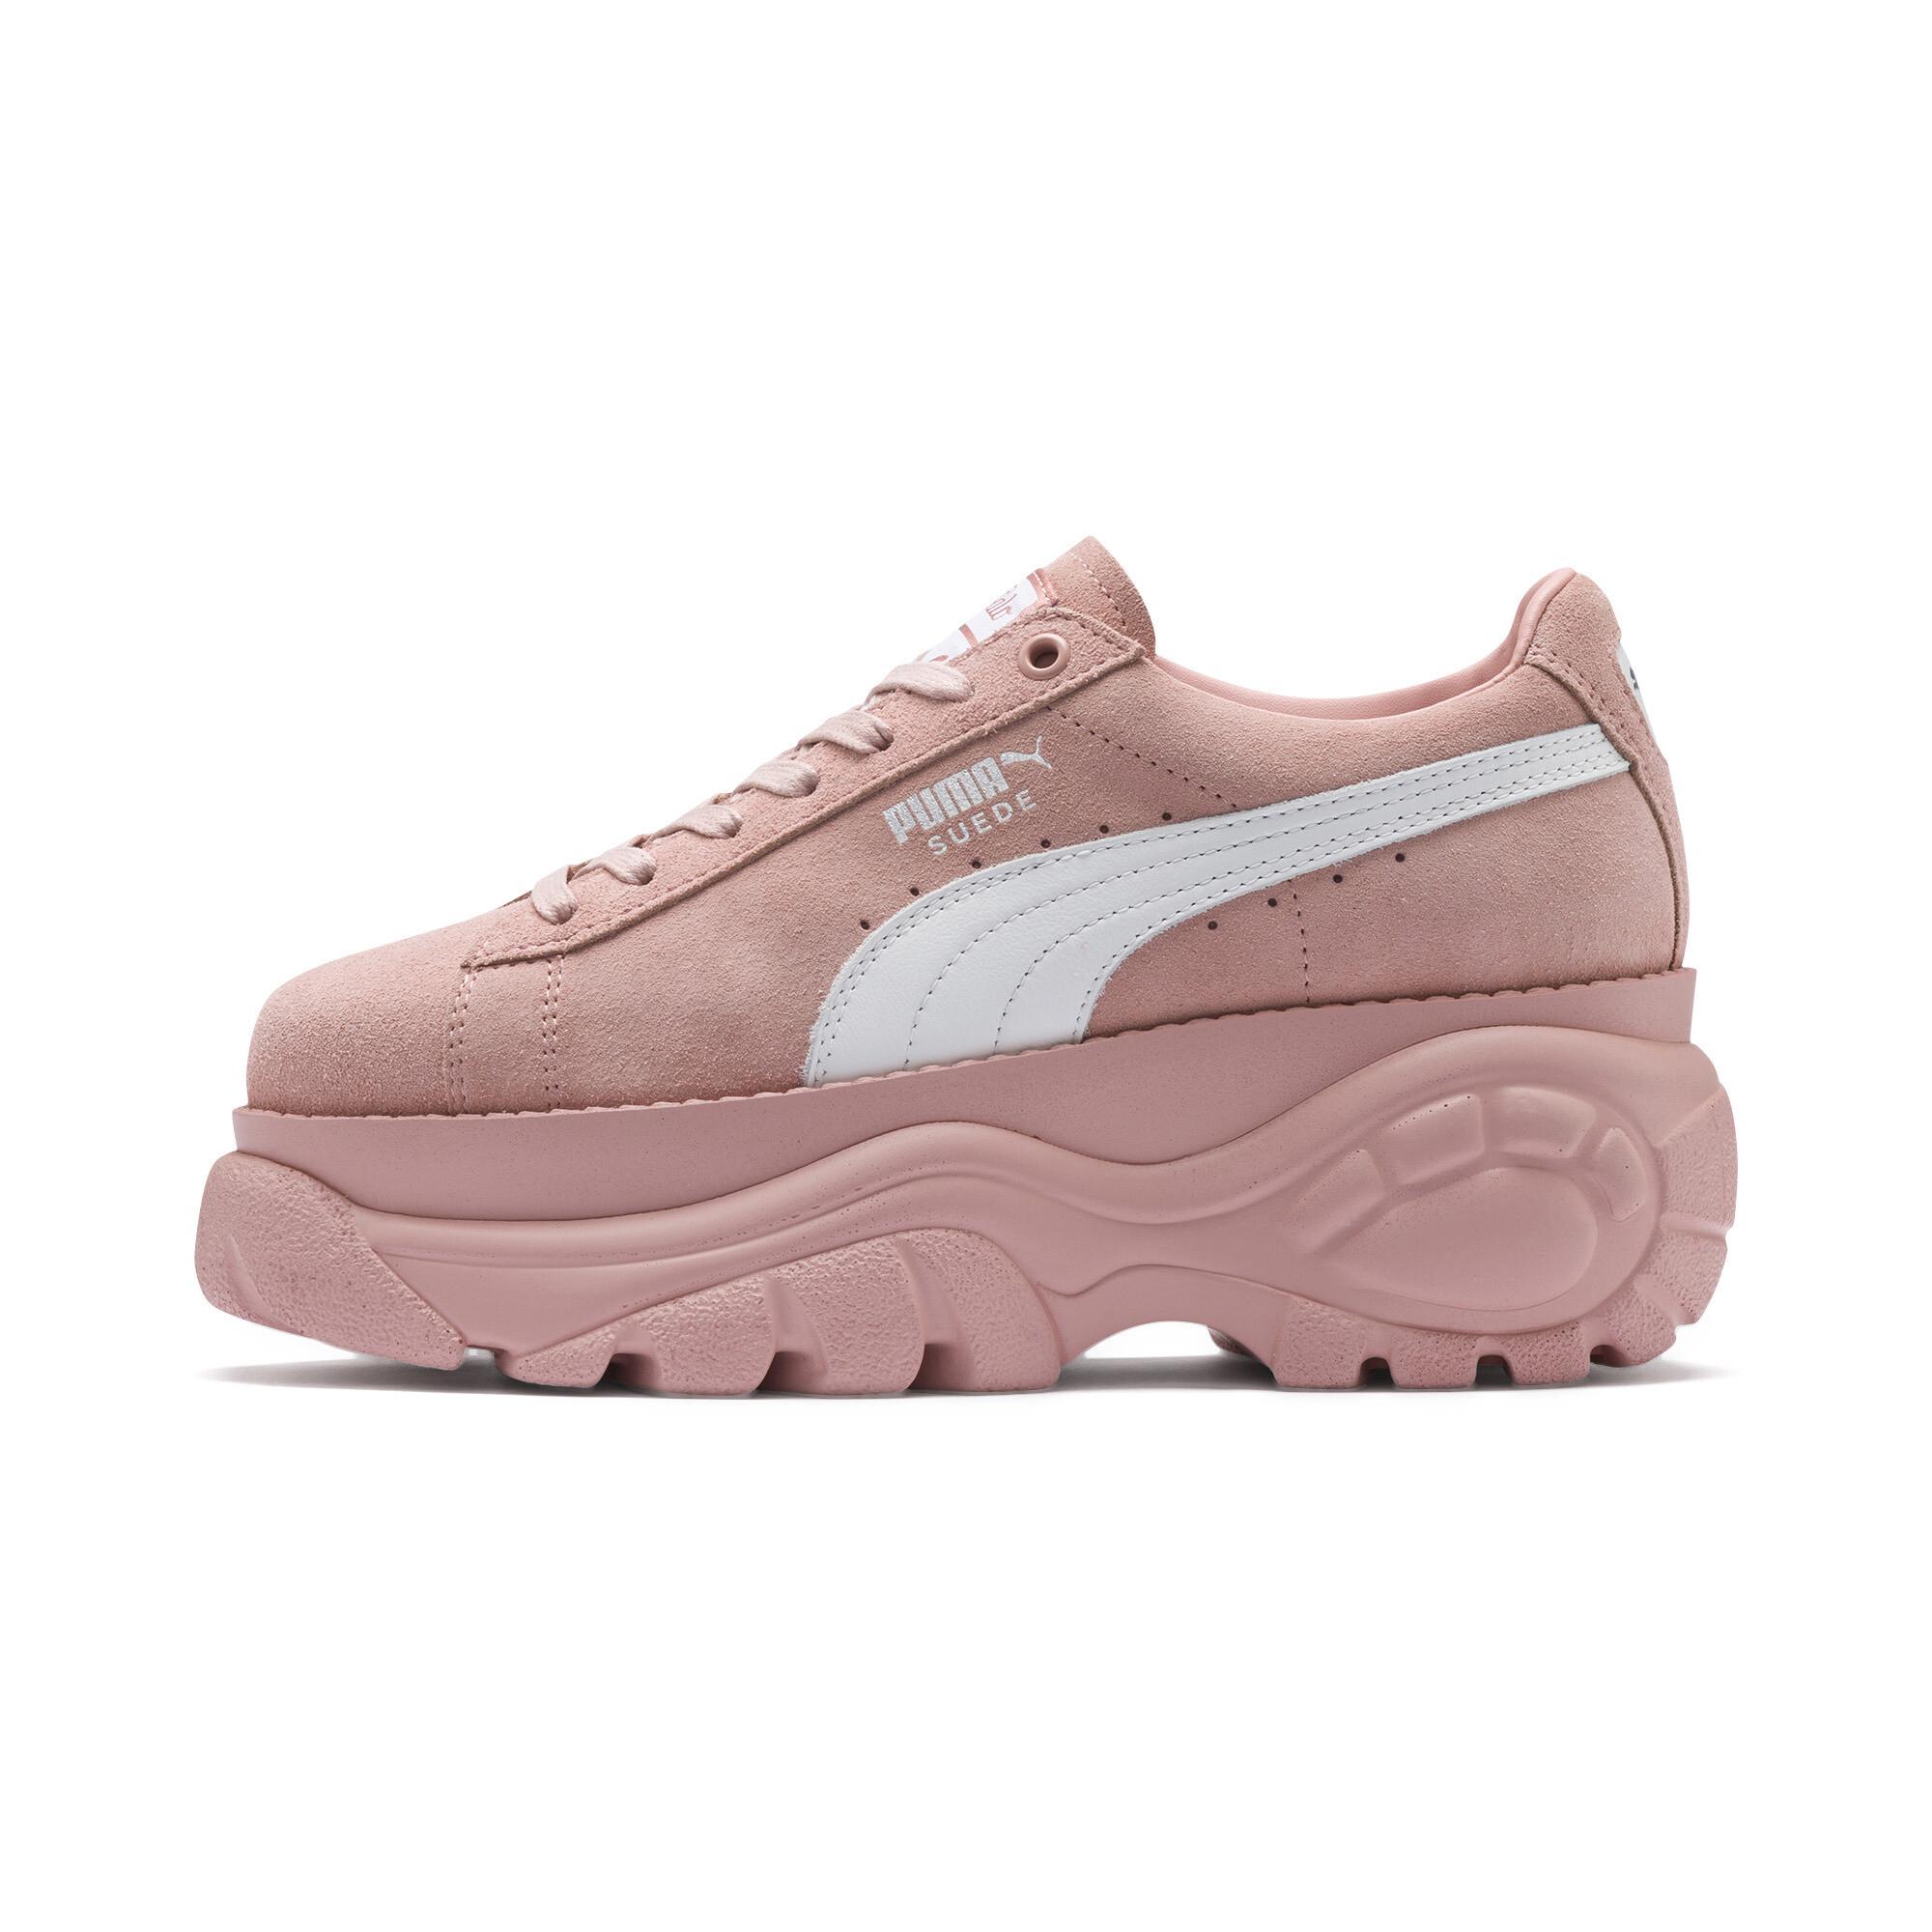 bd08653f Распродажа спортивной одежды PUMA - скидки и акции на кроссовки в дисконте  интернет-магазине